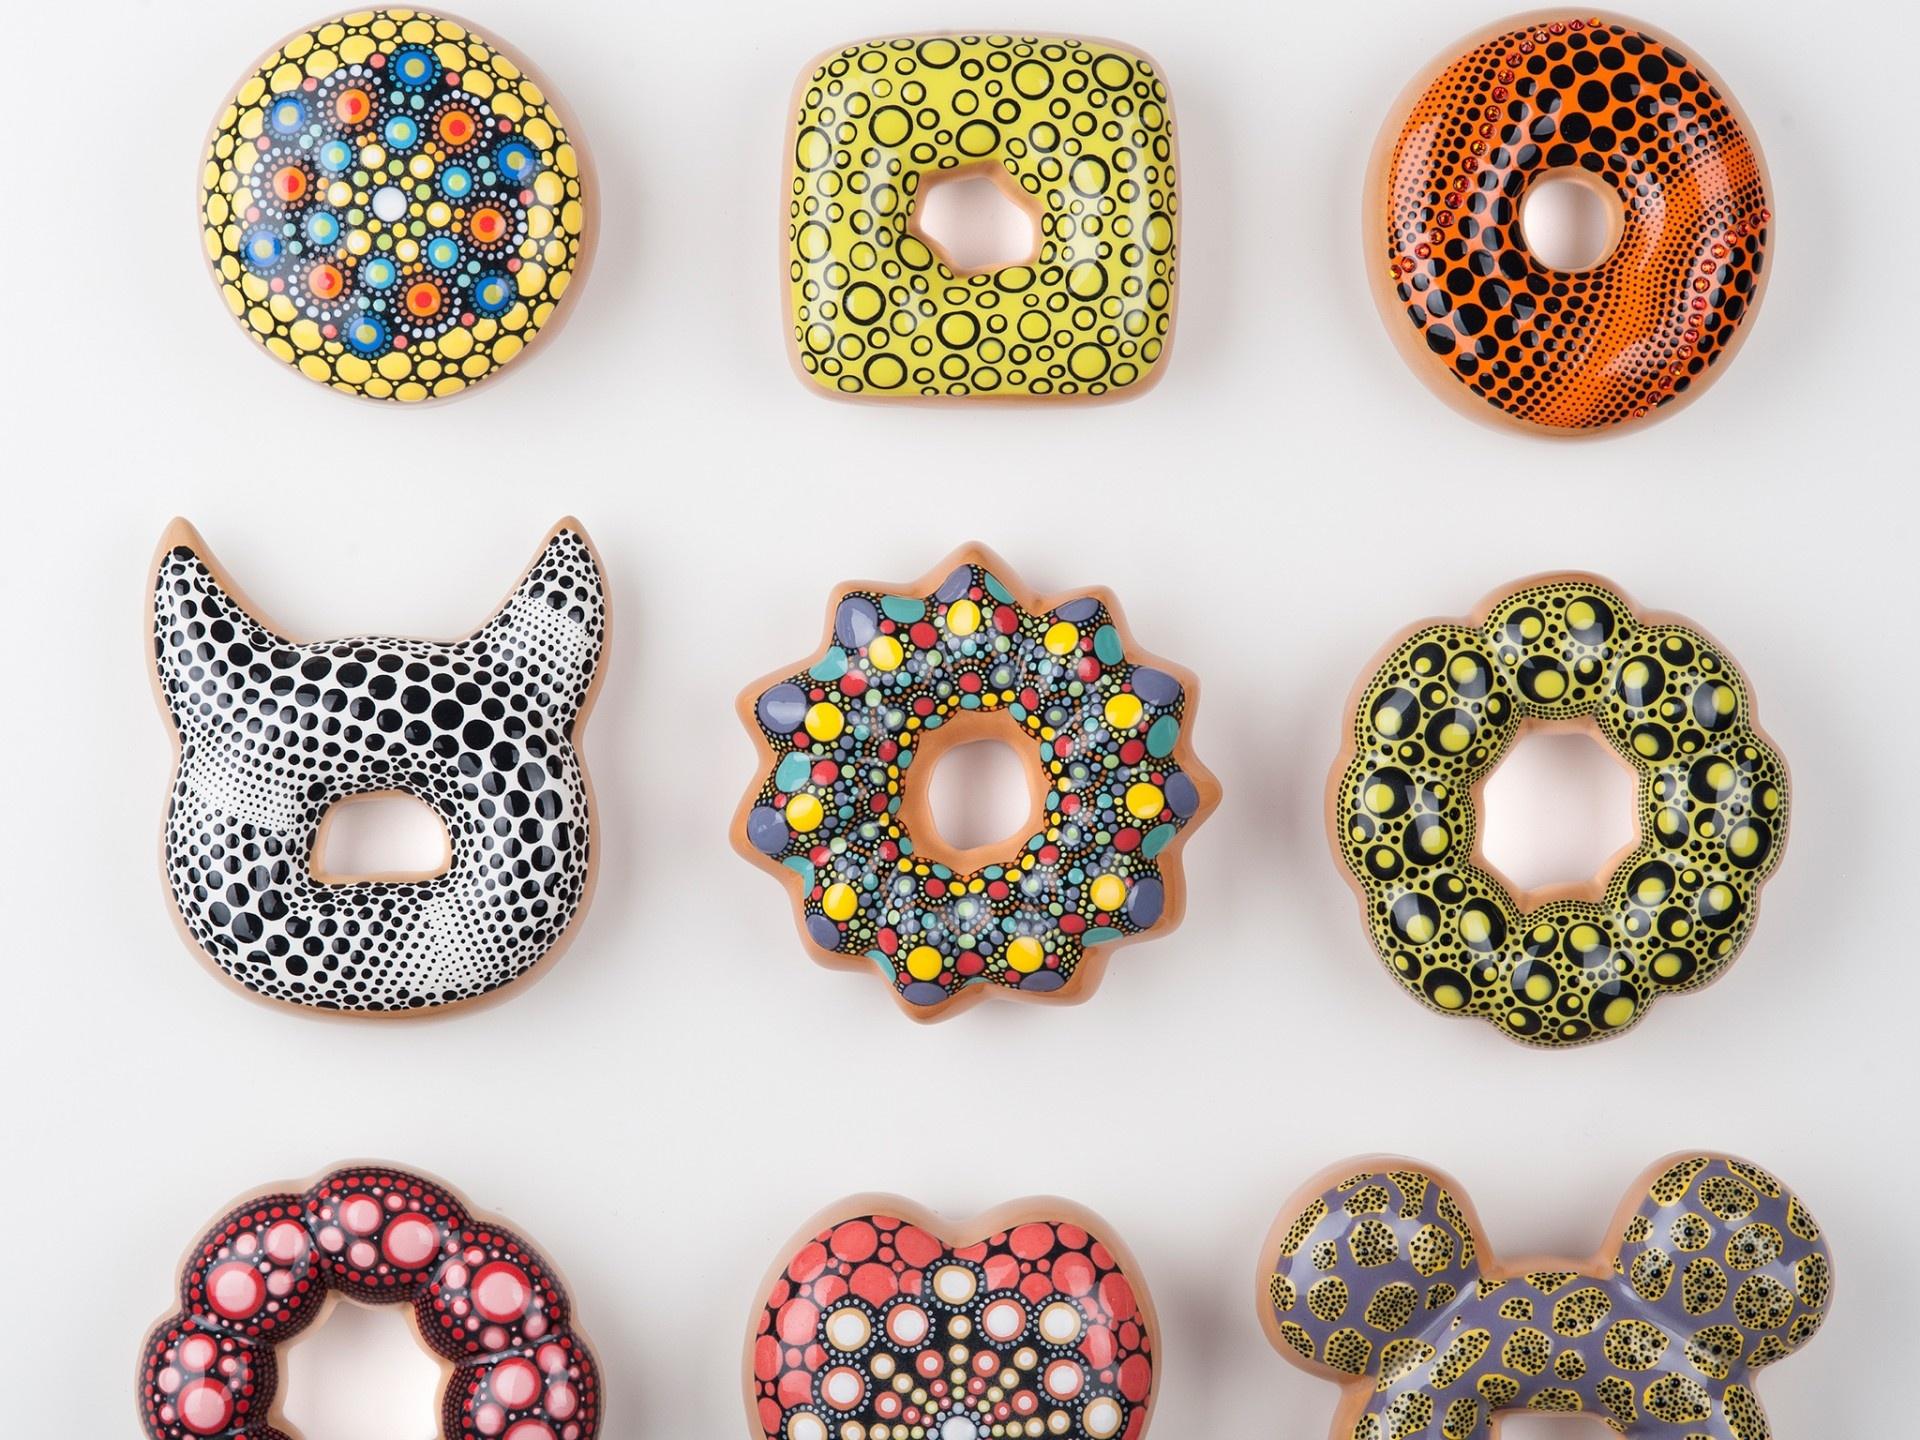 donut-pop-fubiz1_01